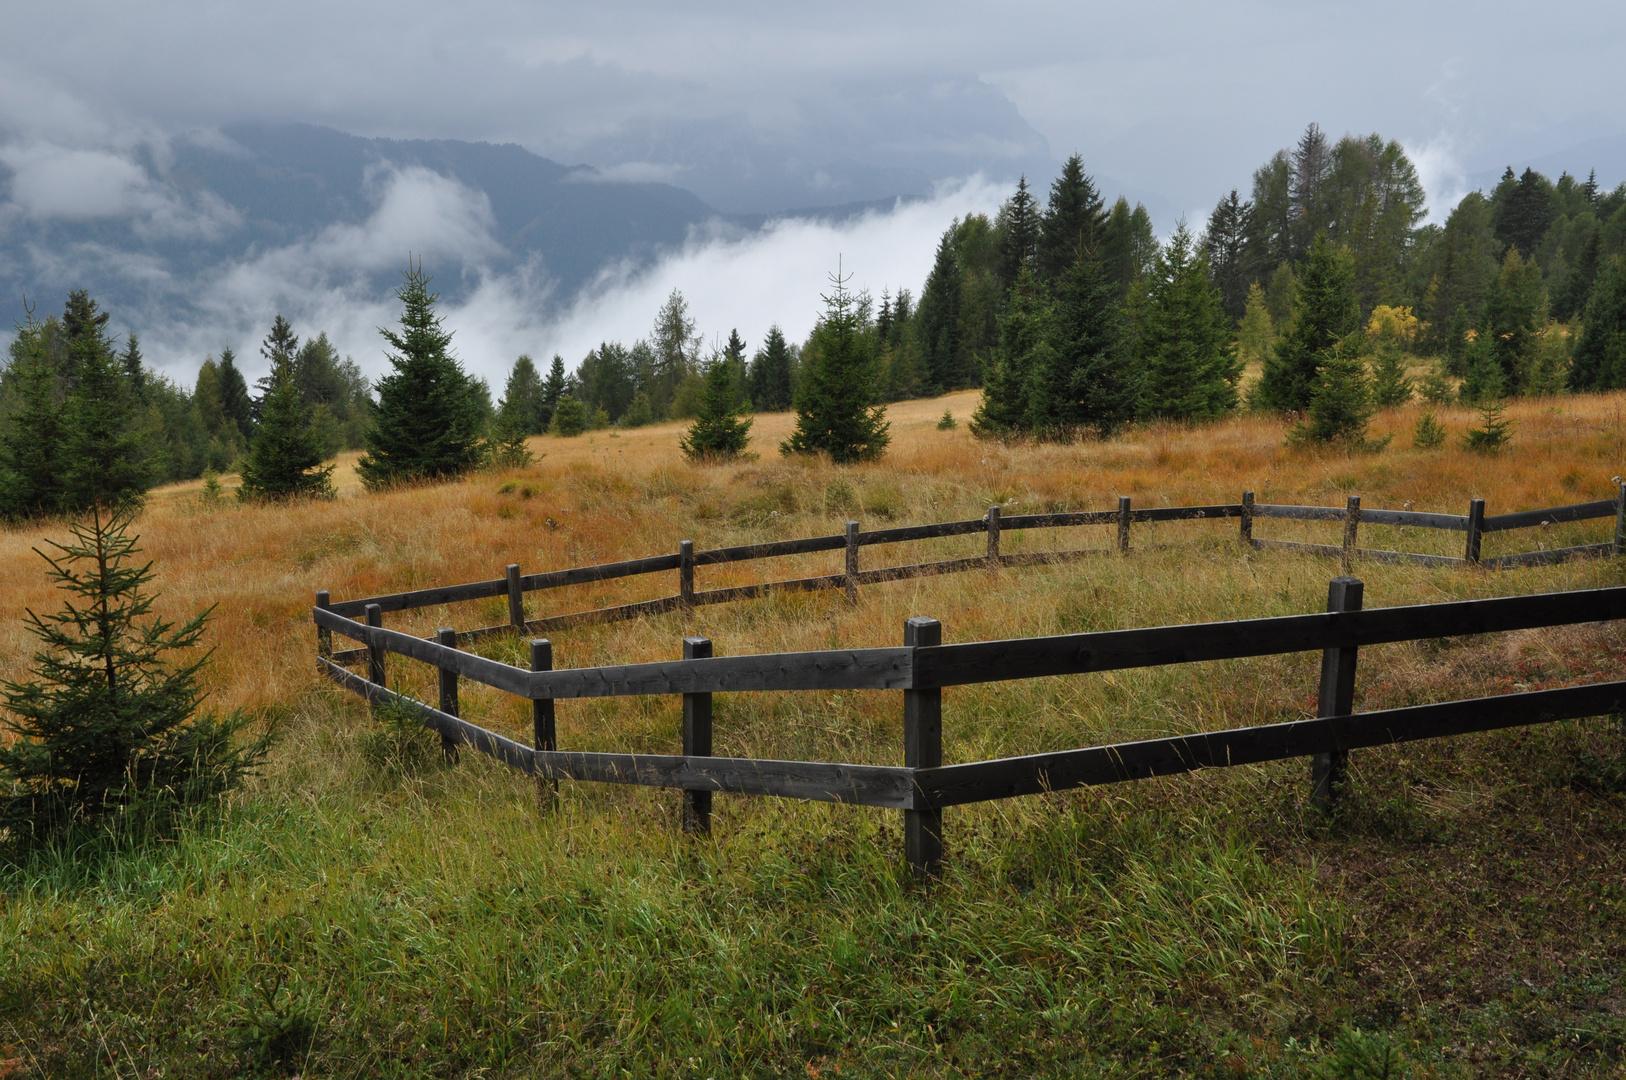 Nebel zieht vom Tal herauf